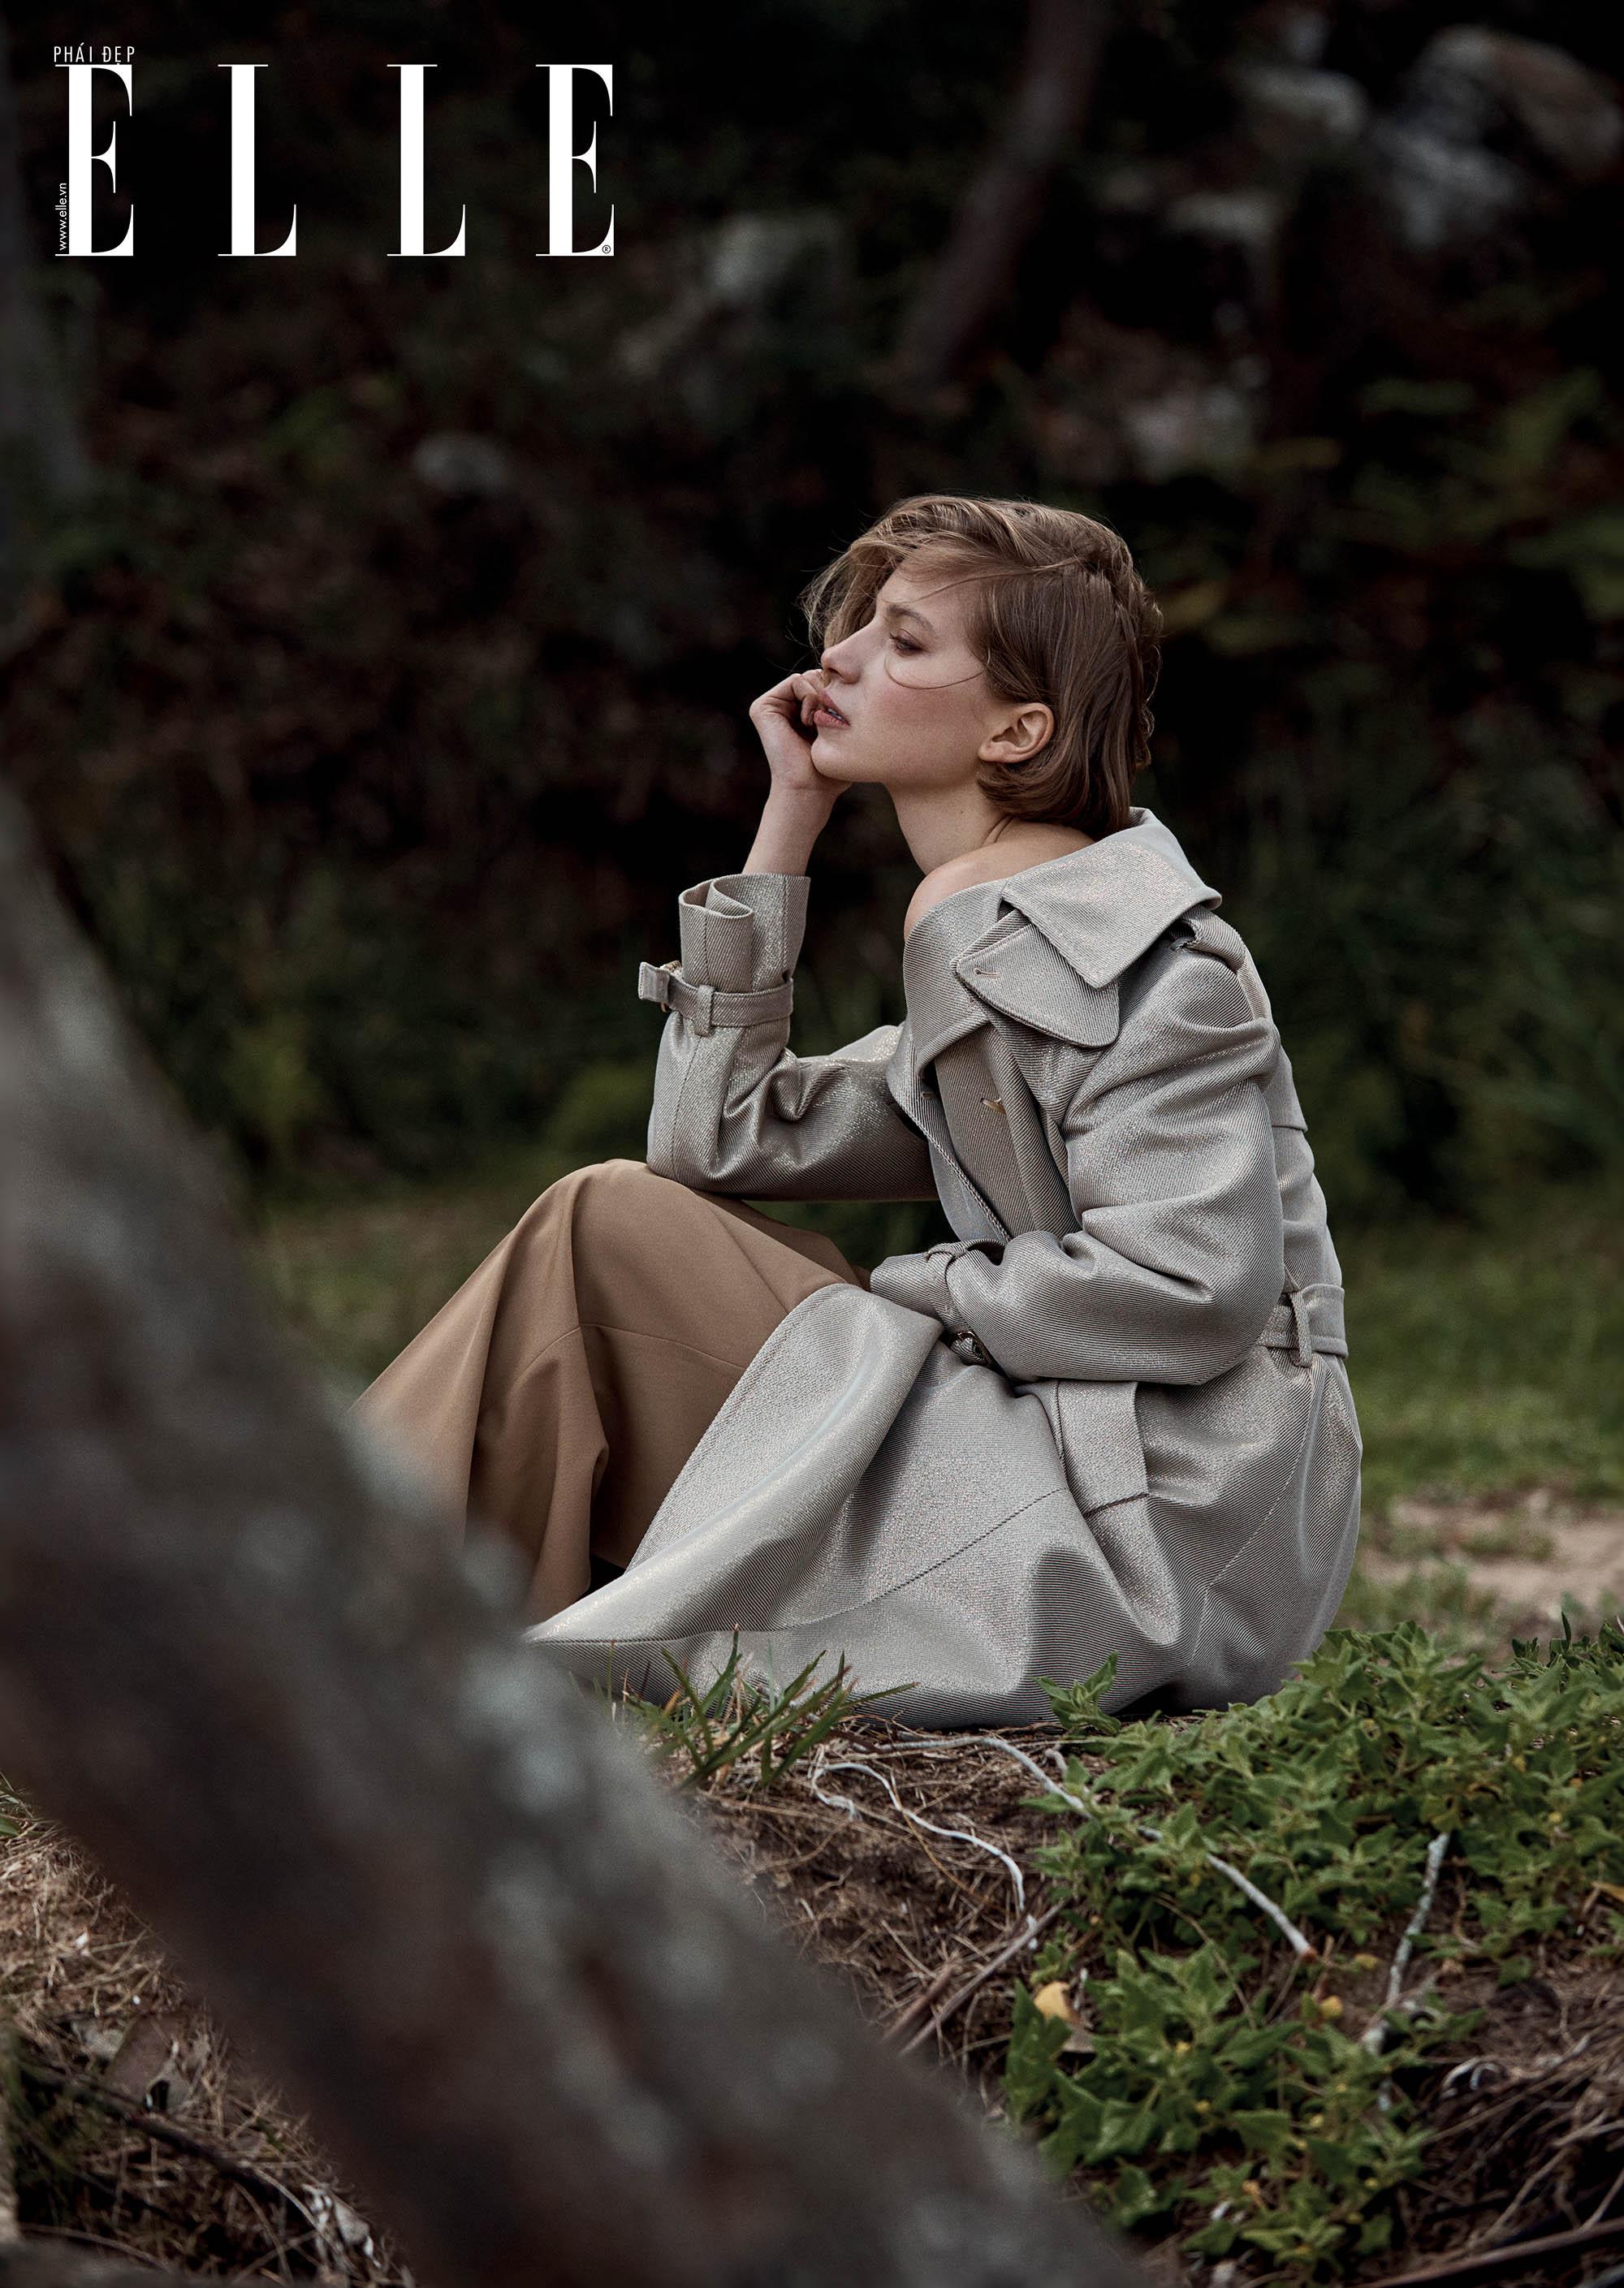 bộ ảnh cô gái ngồi trên đồng cỏ xanh